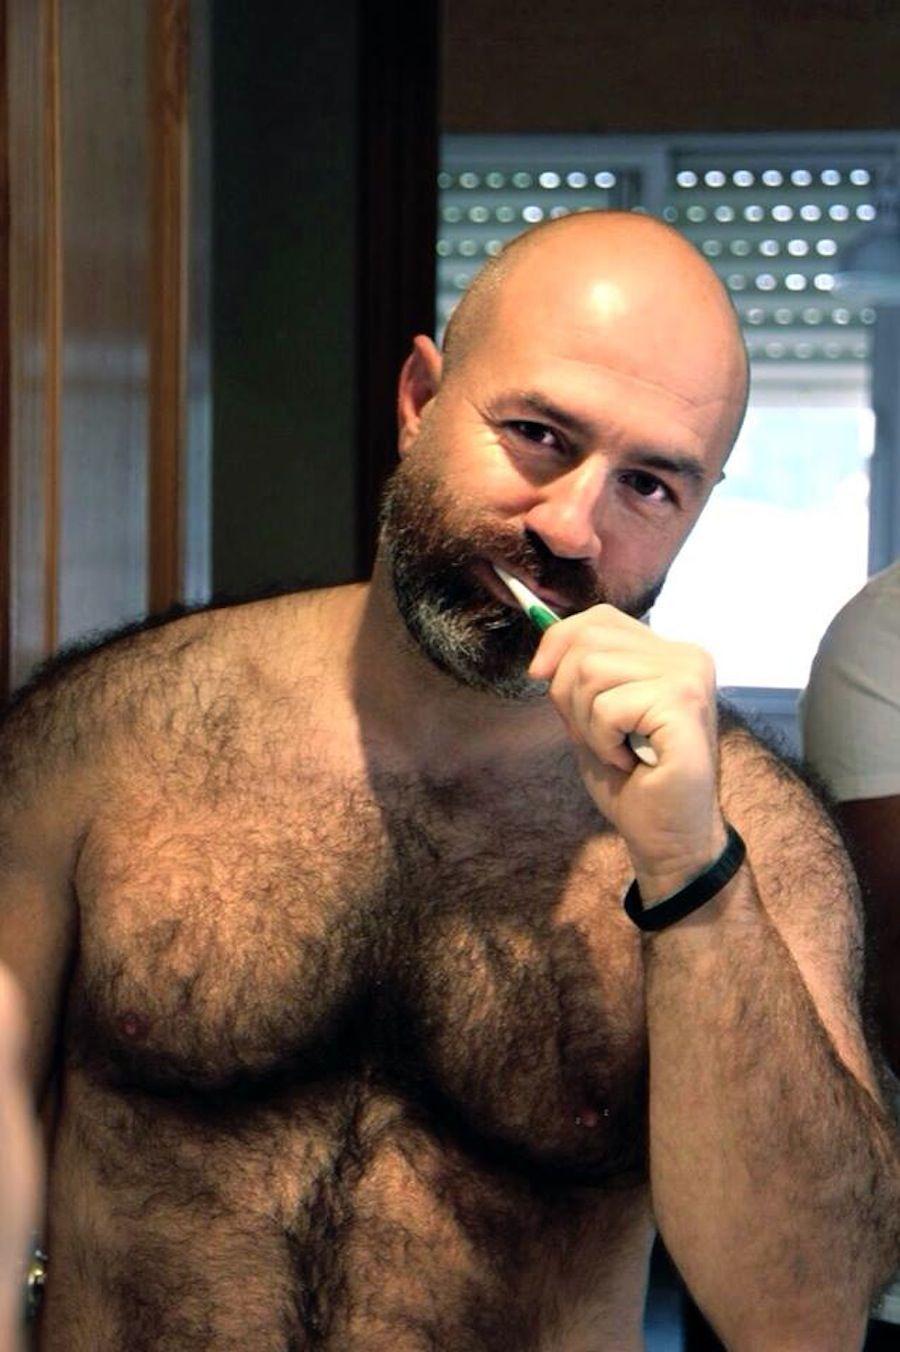 Extreme hairy gay fetish